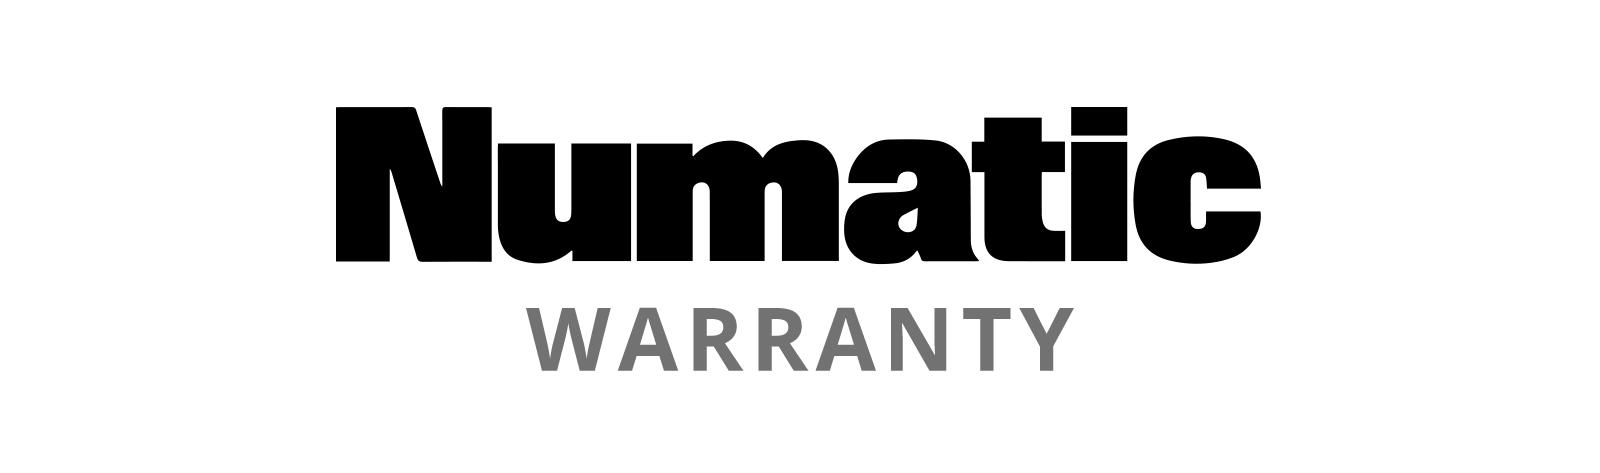 numatic-warranty.png